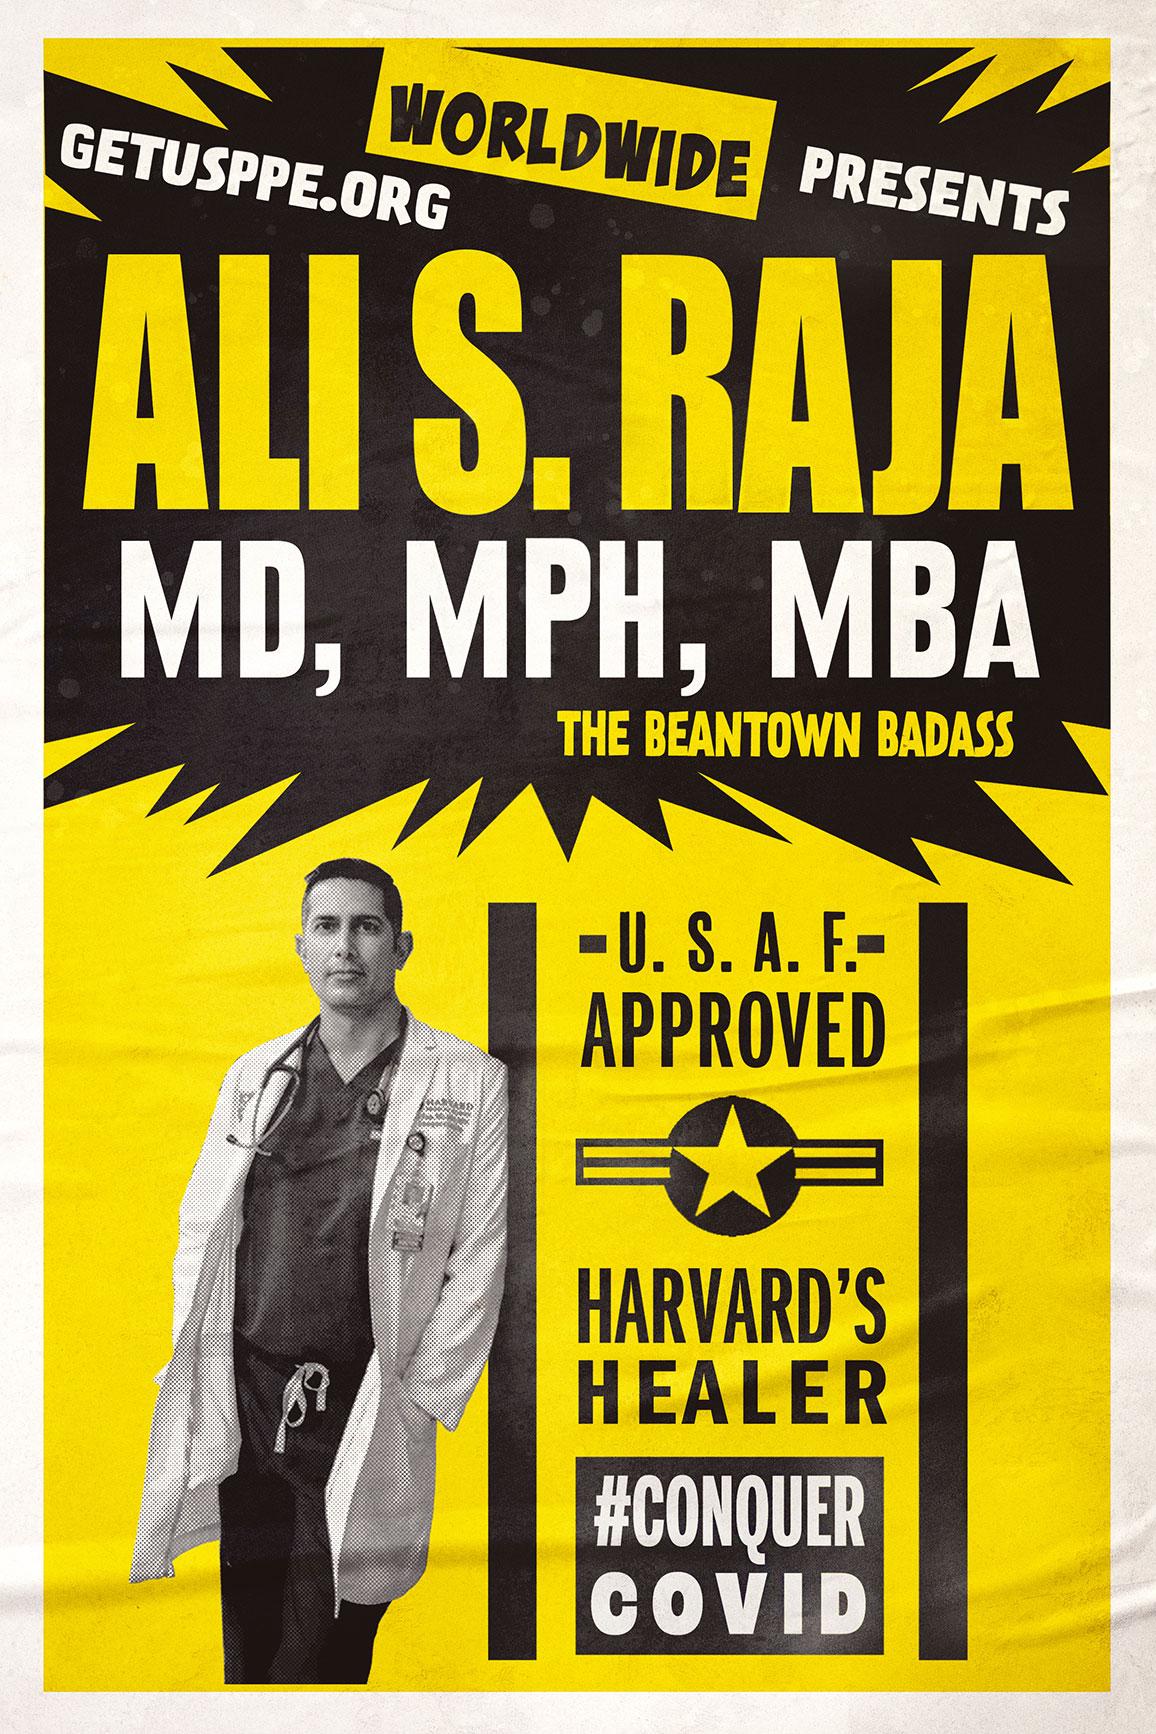 Dr. Ali S. Raja, MD MPH MBA